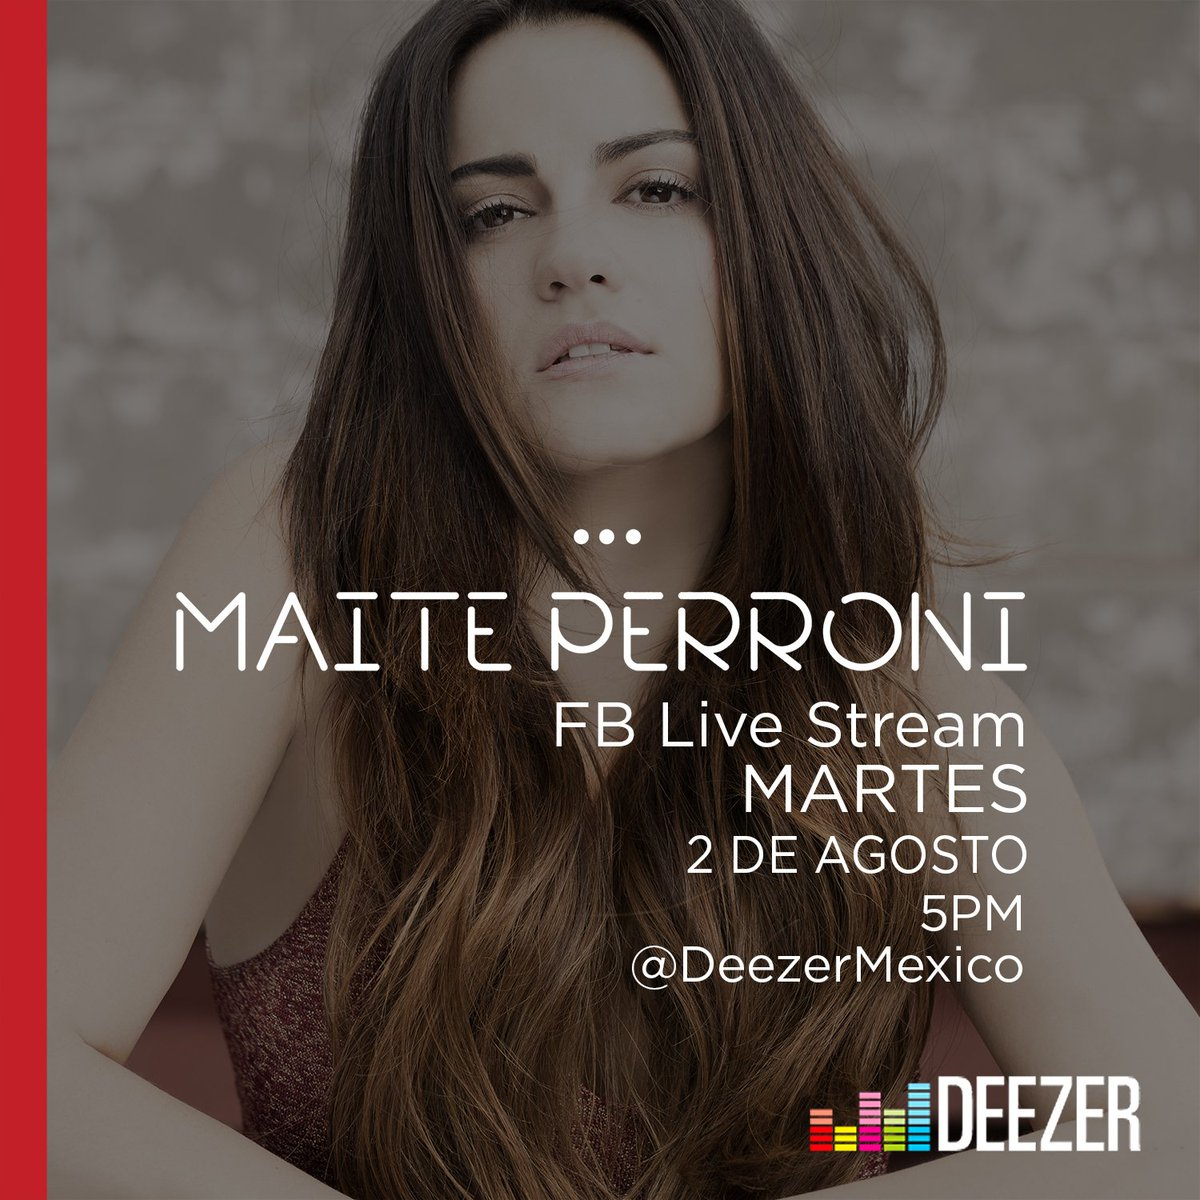 Marysol facebook live ultima trasmision en vivo